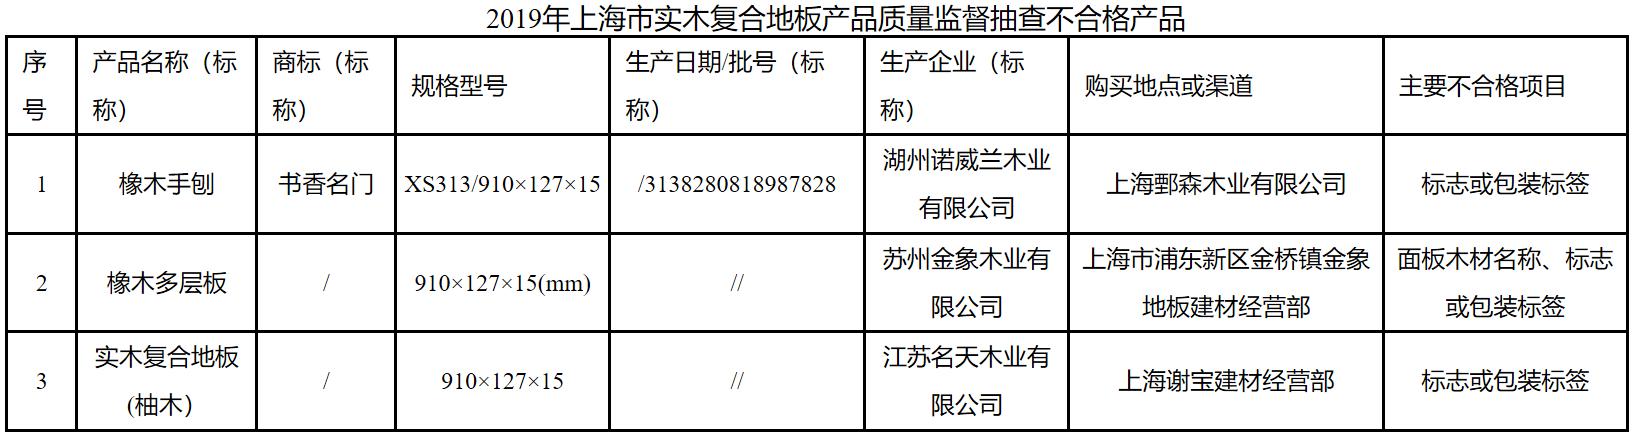 上海市市场监督管理局:3批次实木复合地板不合格图片